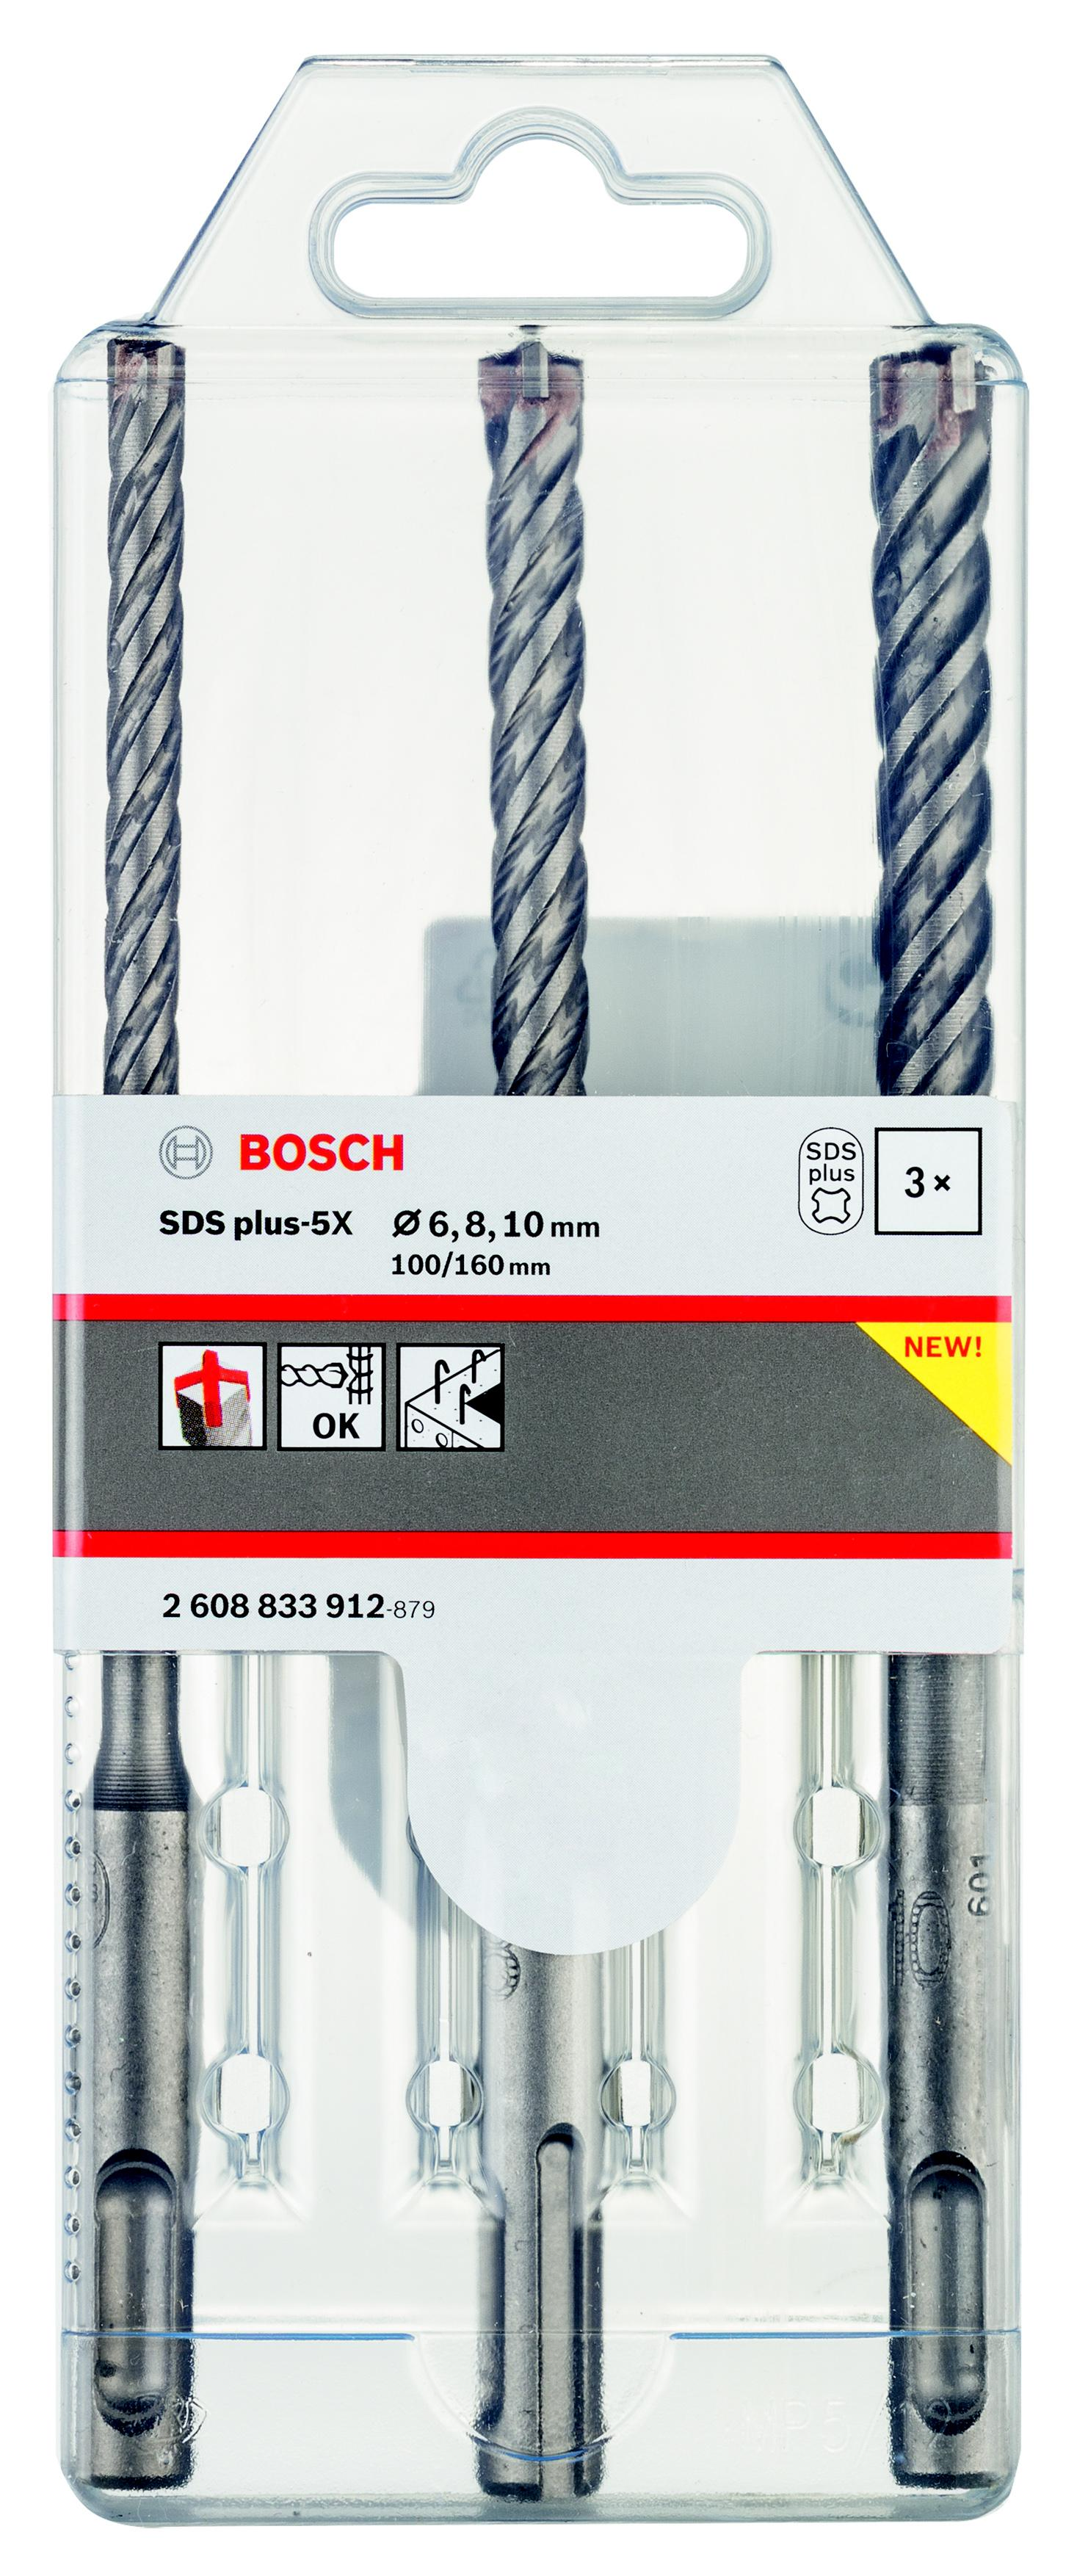 Набор буров Bosch Sds+ (2608833912) набор буров для перфоратора bosch sds plus 7x 5 10 мм 5 шт 2608576199